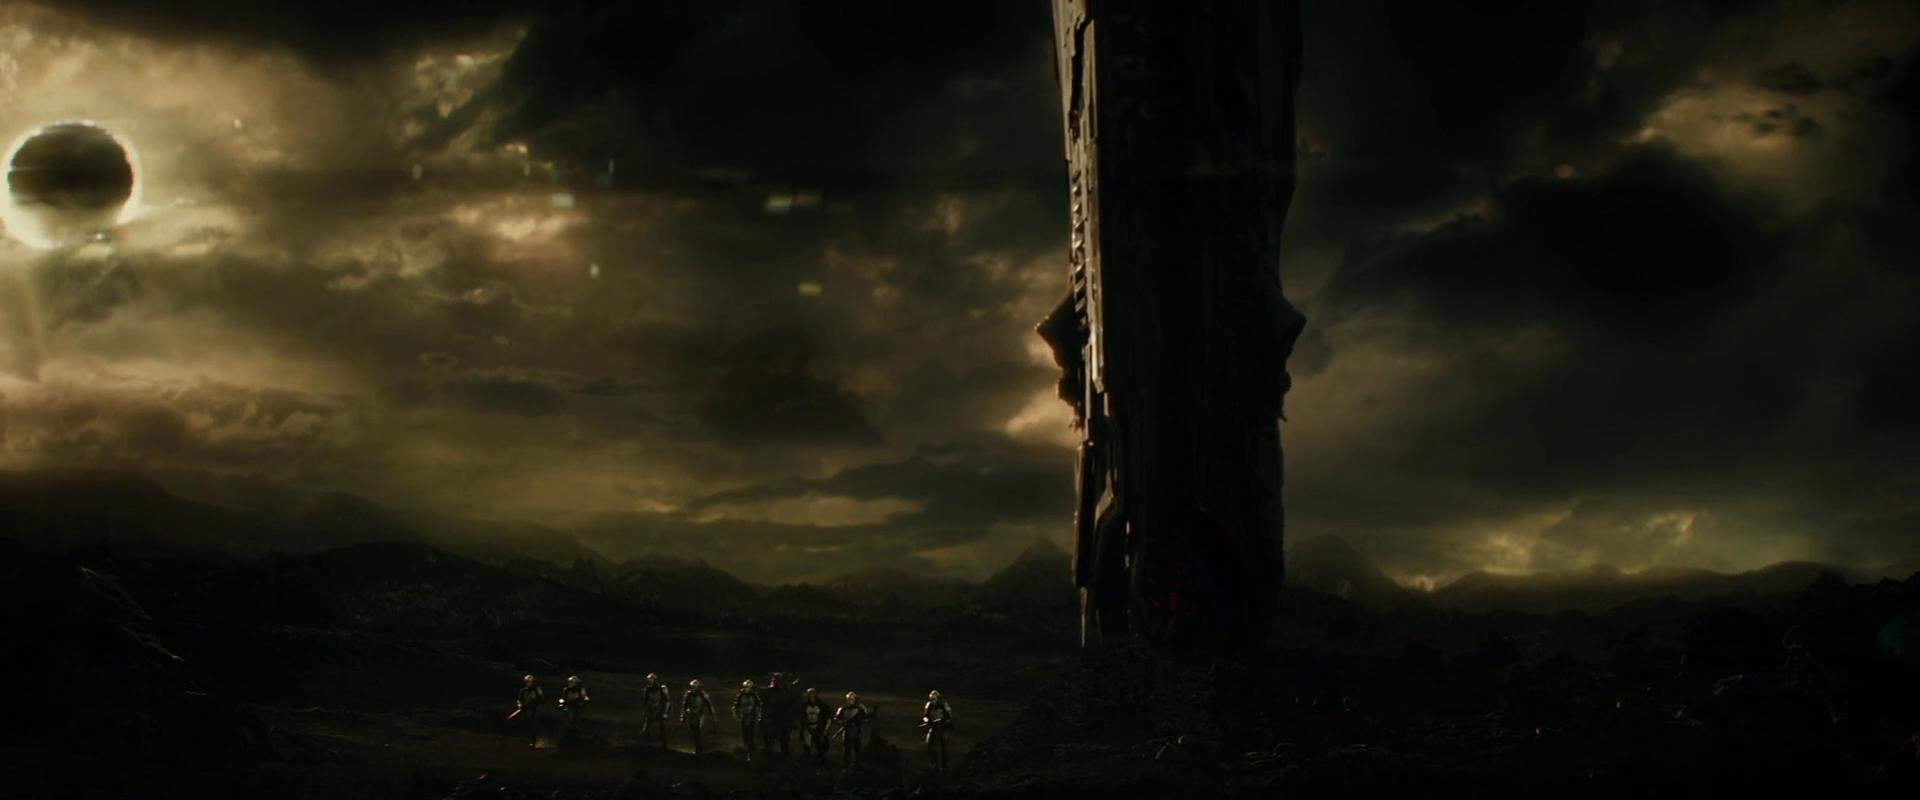 Svartalfheim - Marvel Movies Wiki - Wolverine  Iron Man 2  Thor